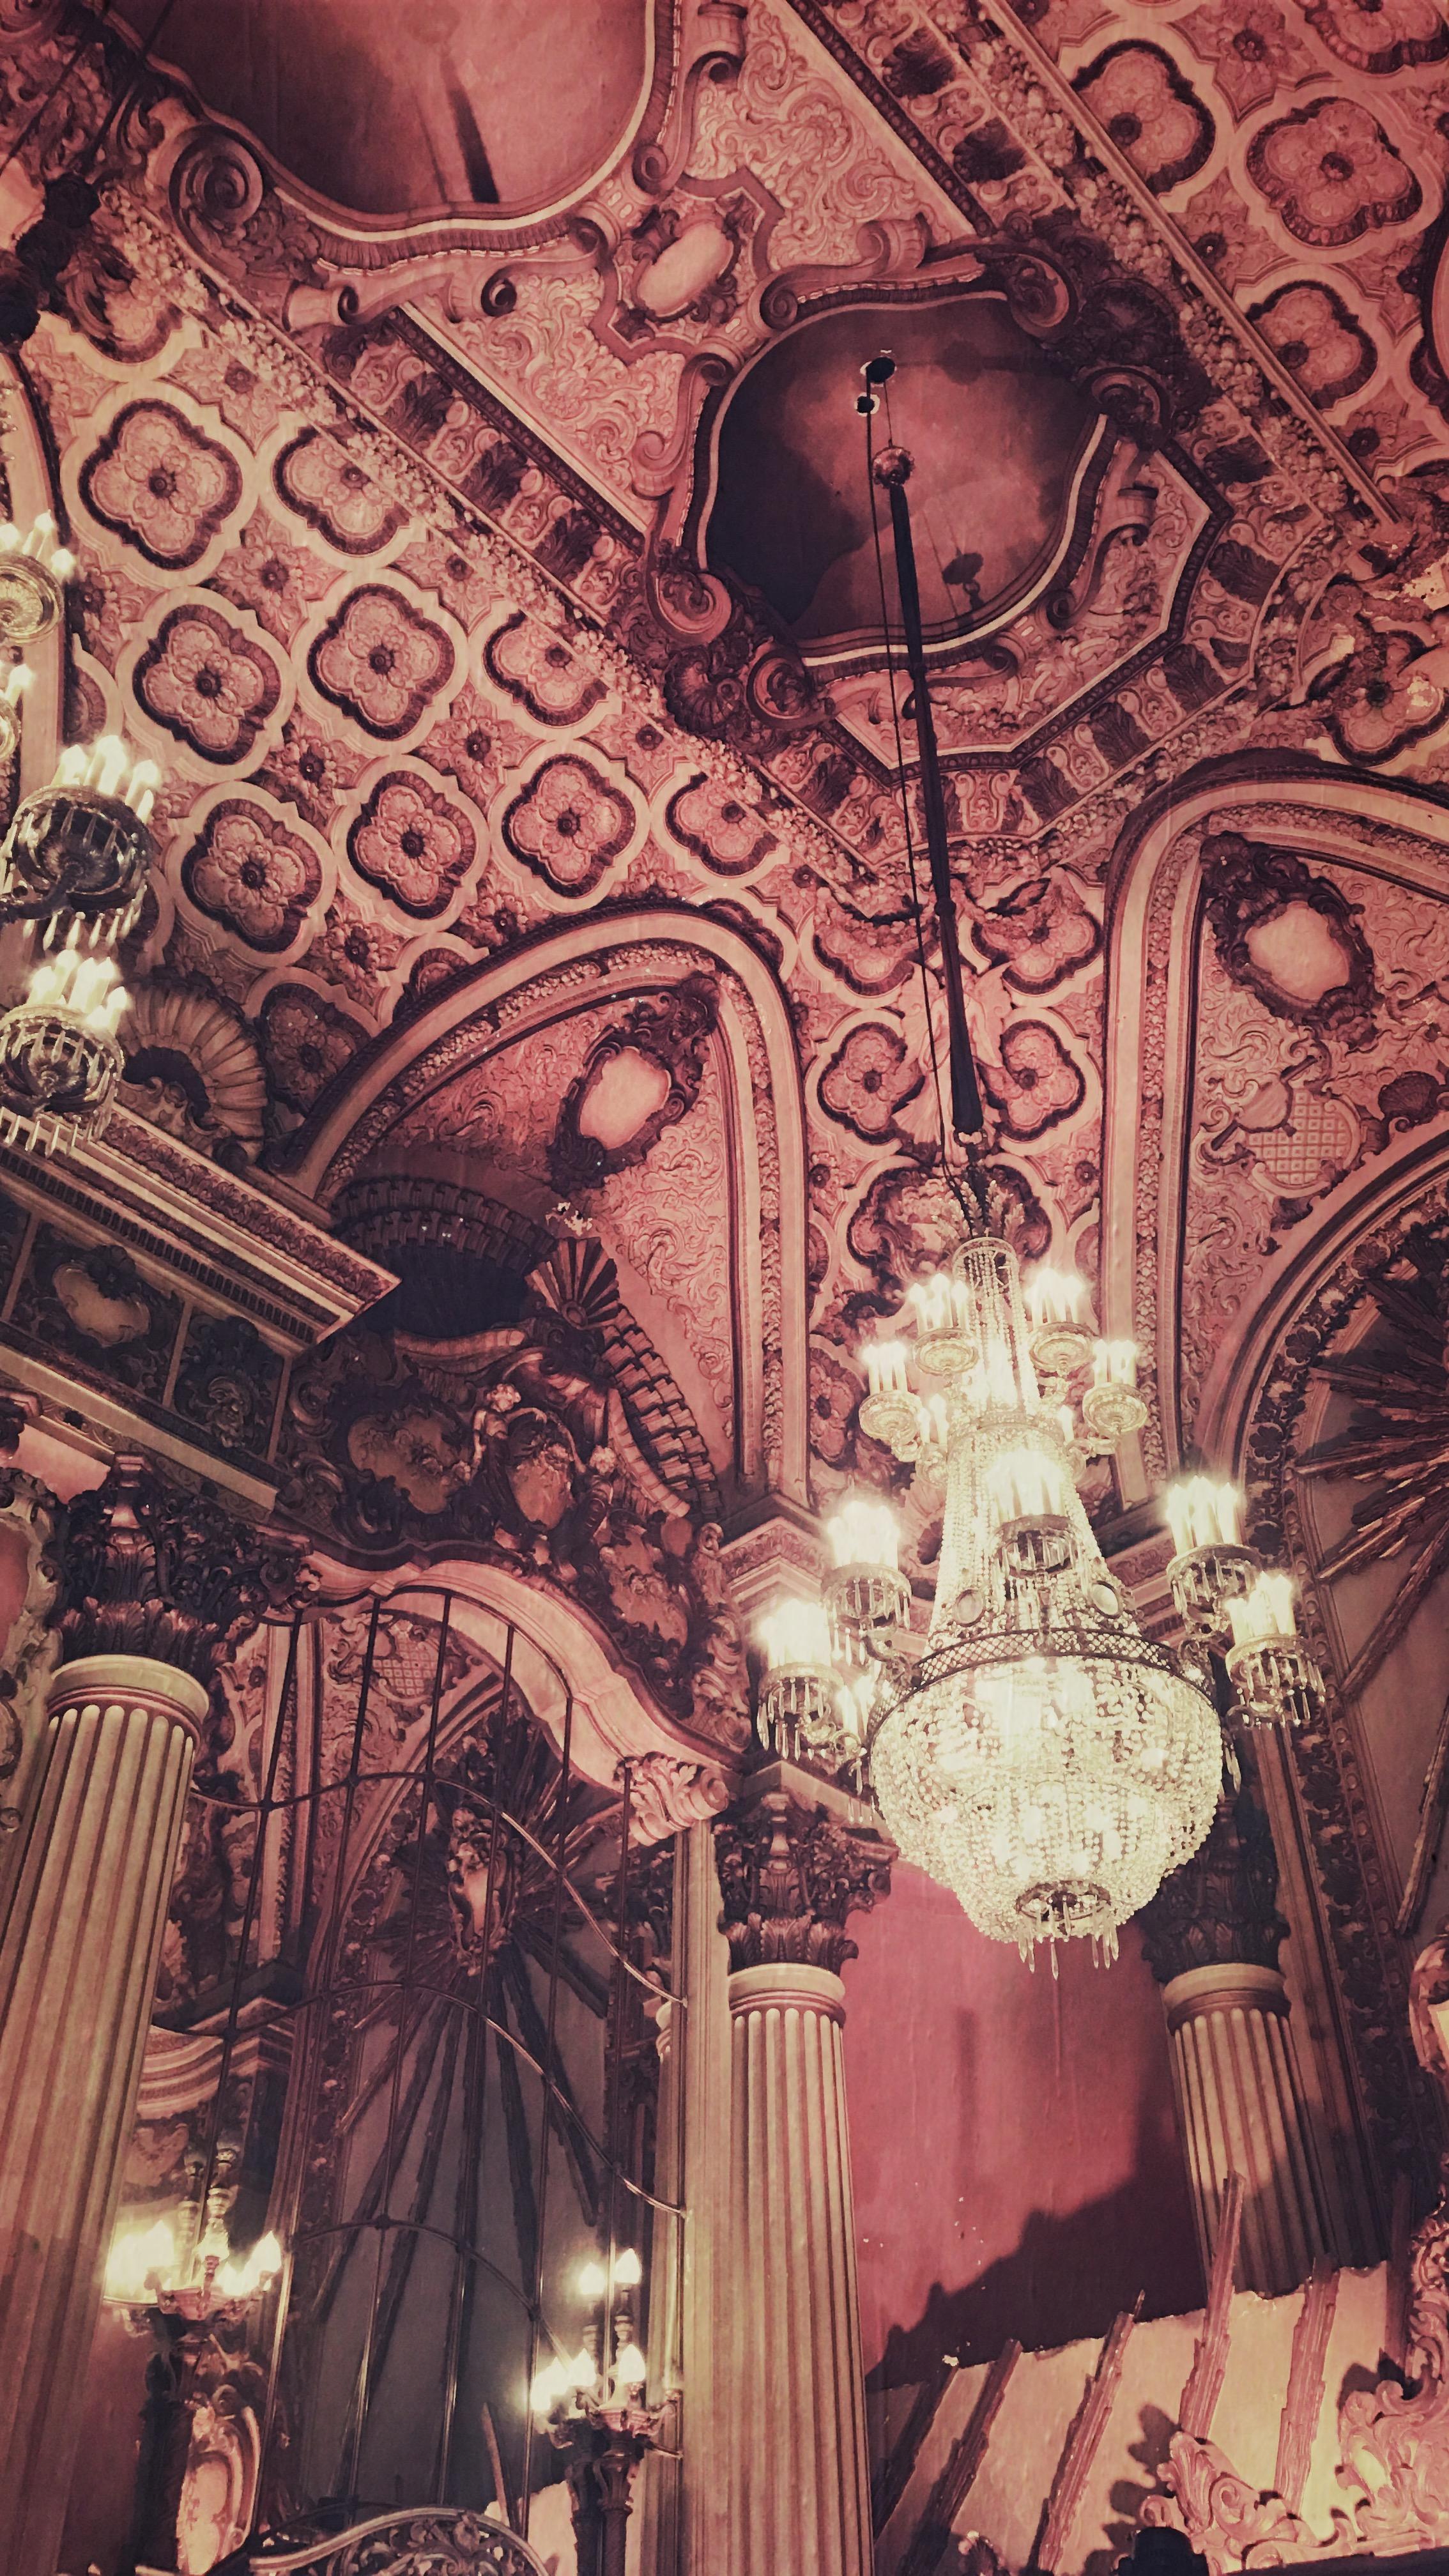 Theater |DTLA | 2016